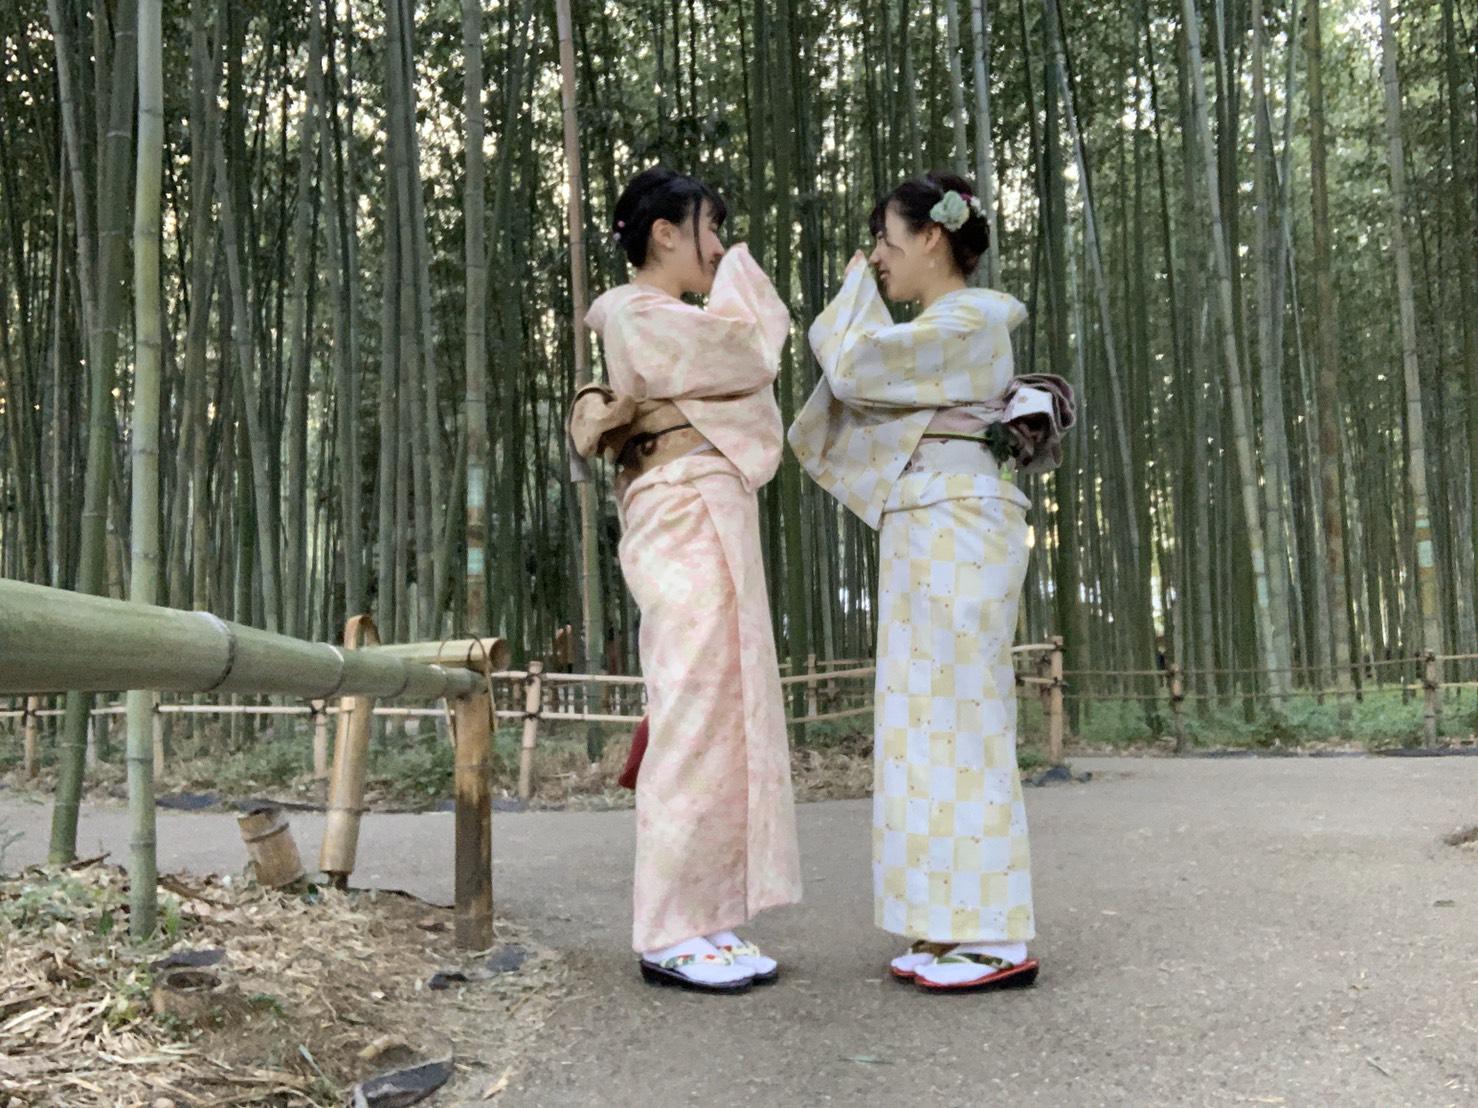 卒業記念に袴レンタル♪2020年3月20日10